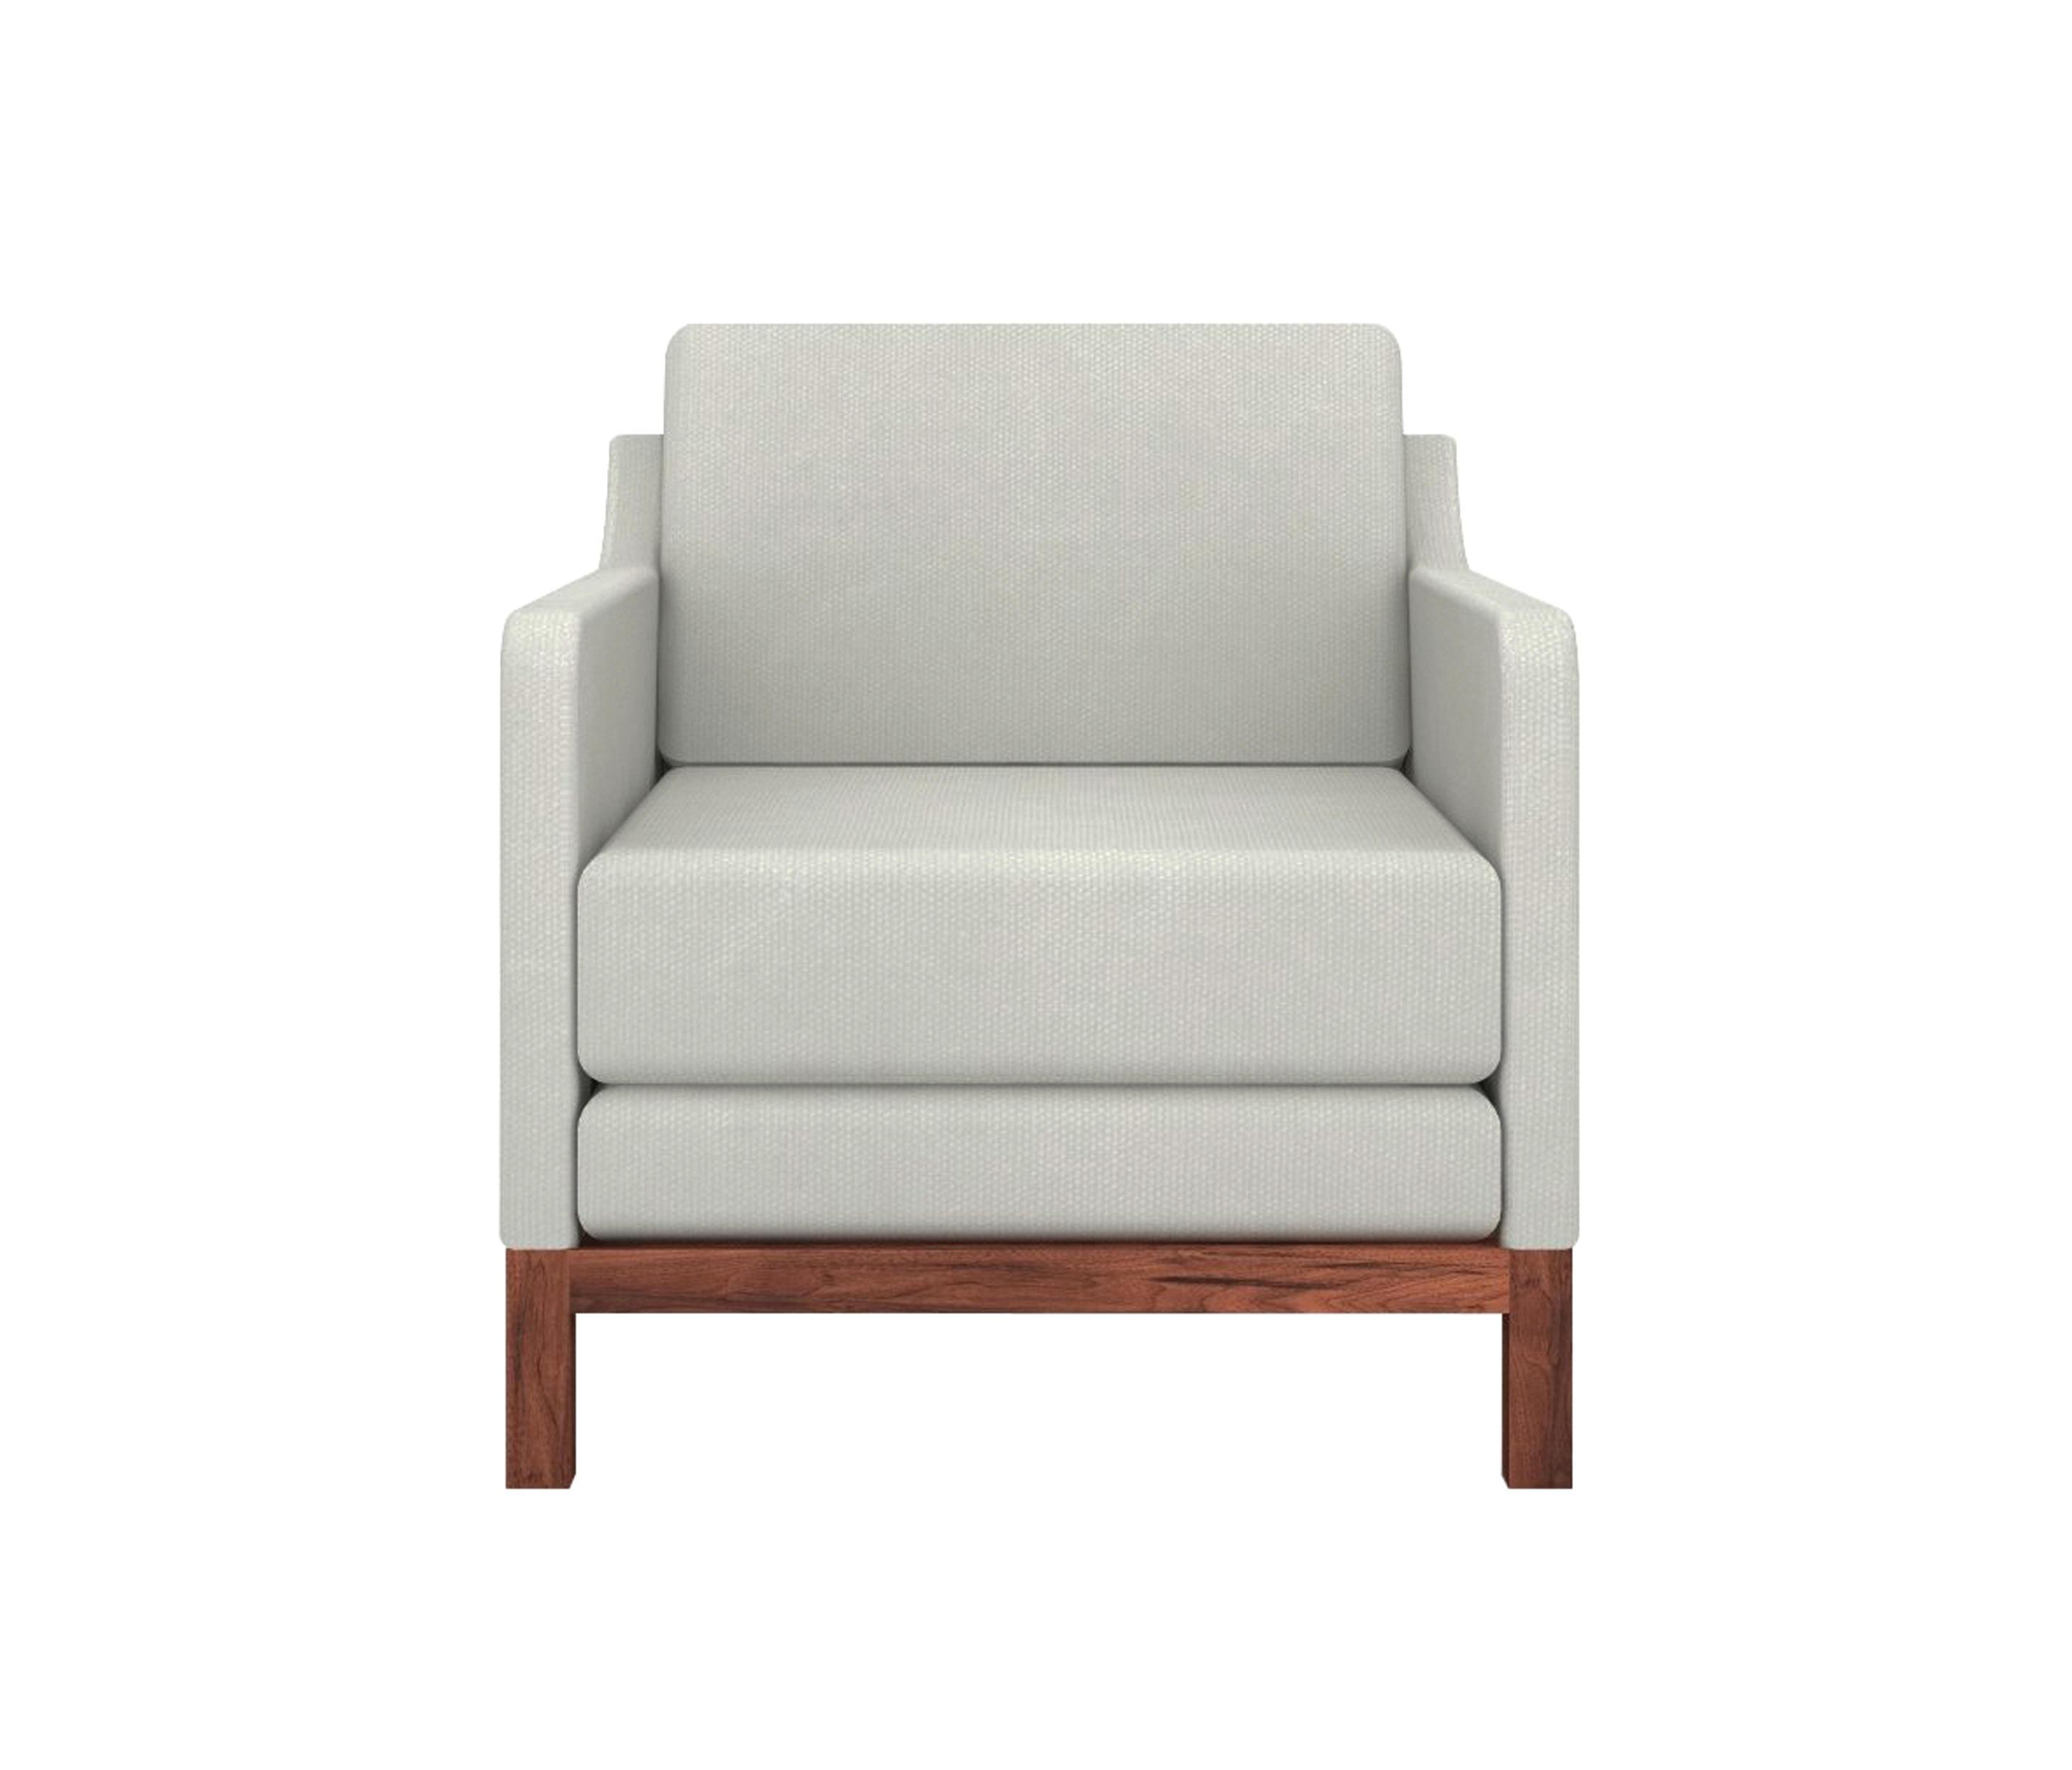 Et101 Sofa 1 Seater Designer